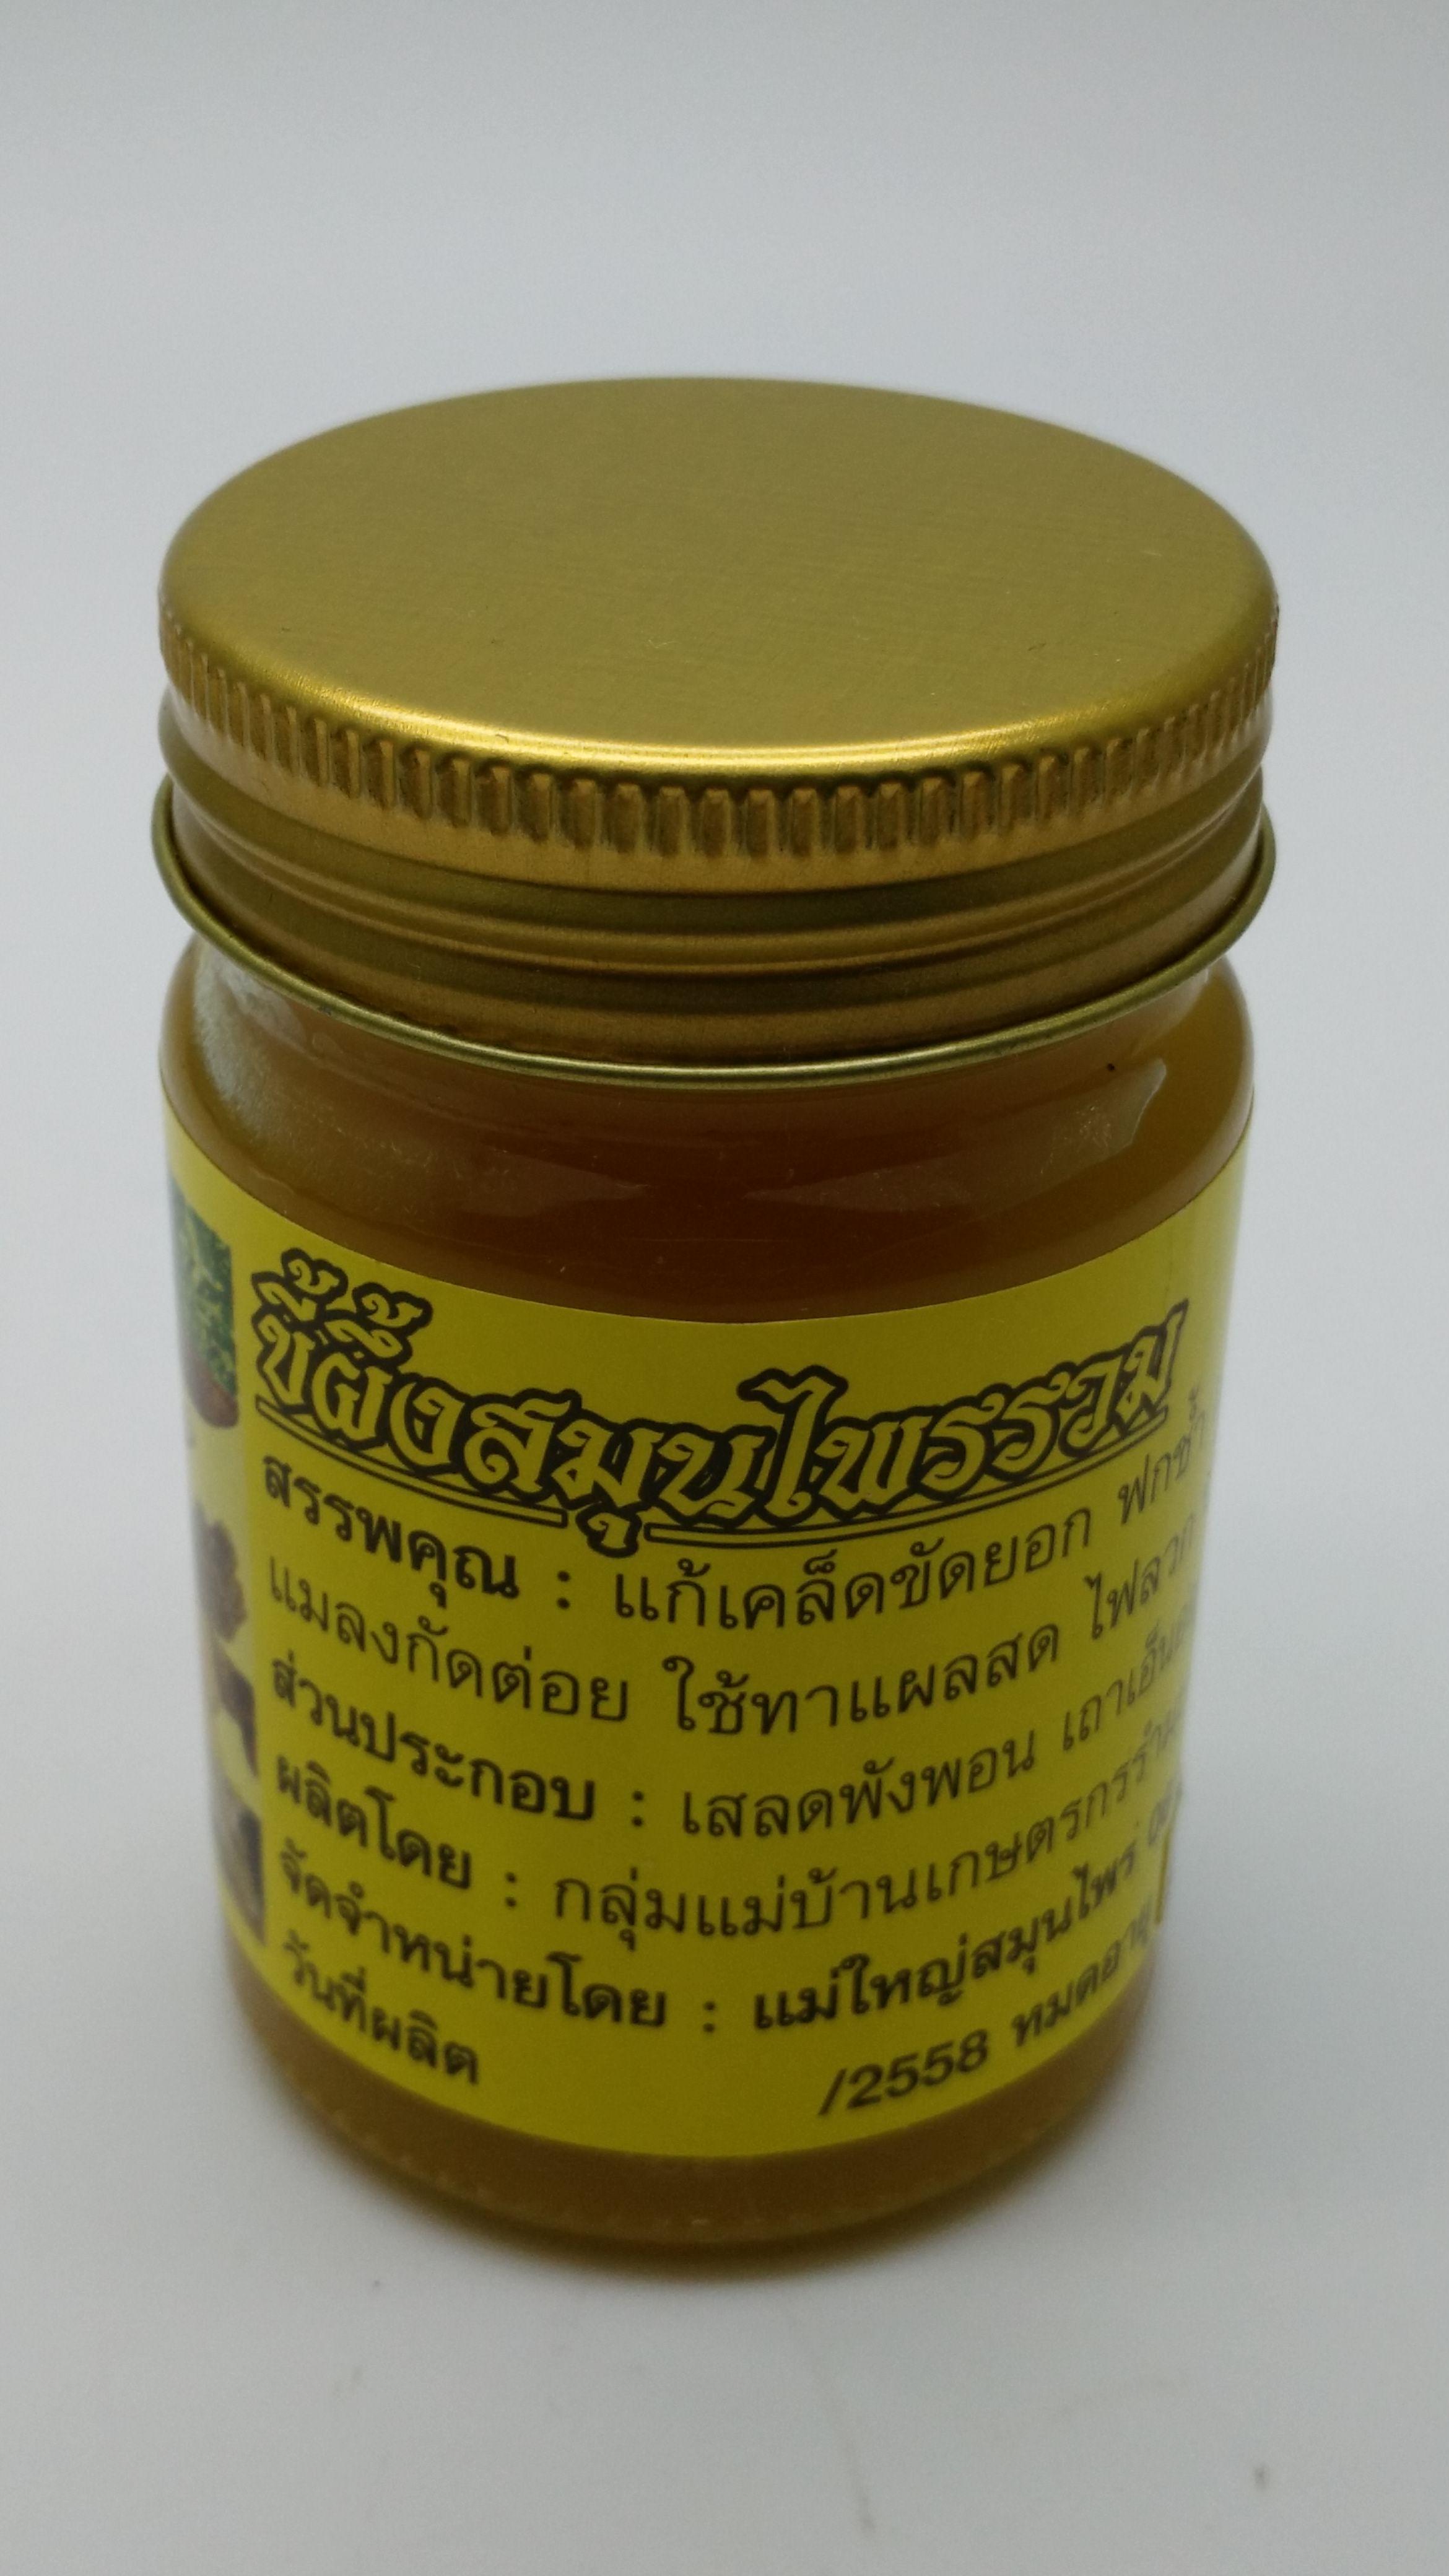 ขี้ผึ้งสมุนไพรรวม สีเหลือง แม่ใหญ่สมุนไพร ขนาด 50 กรัม